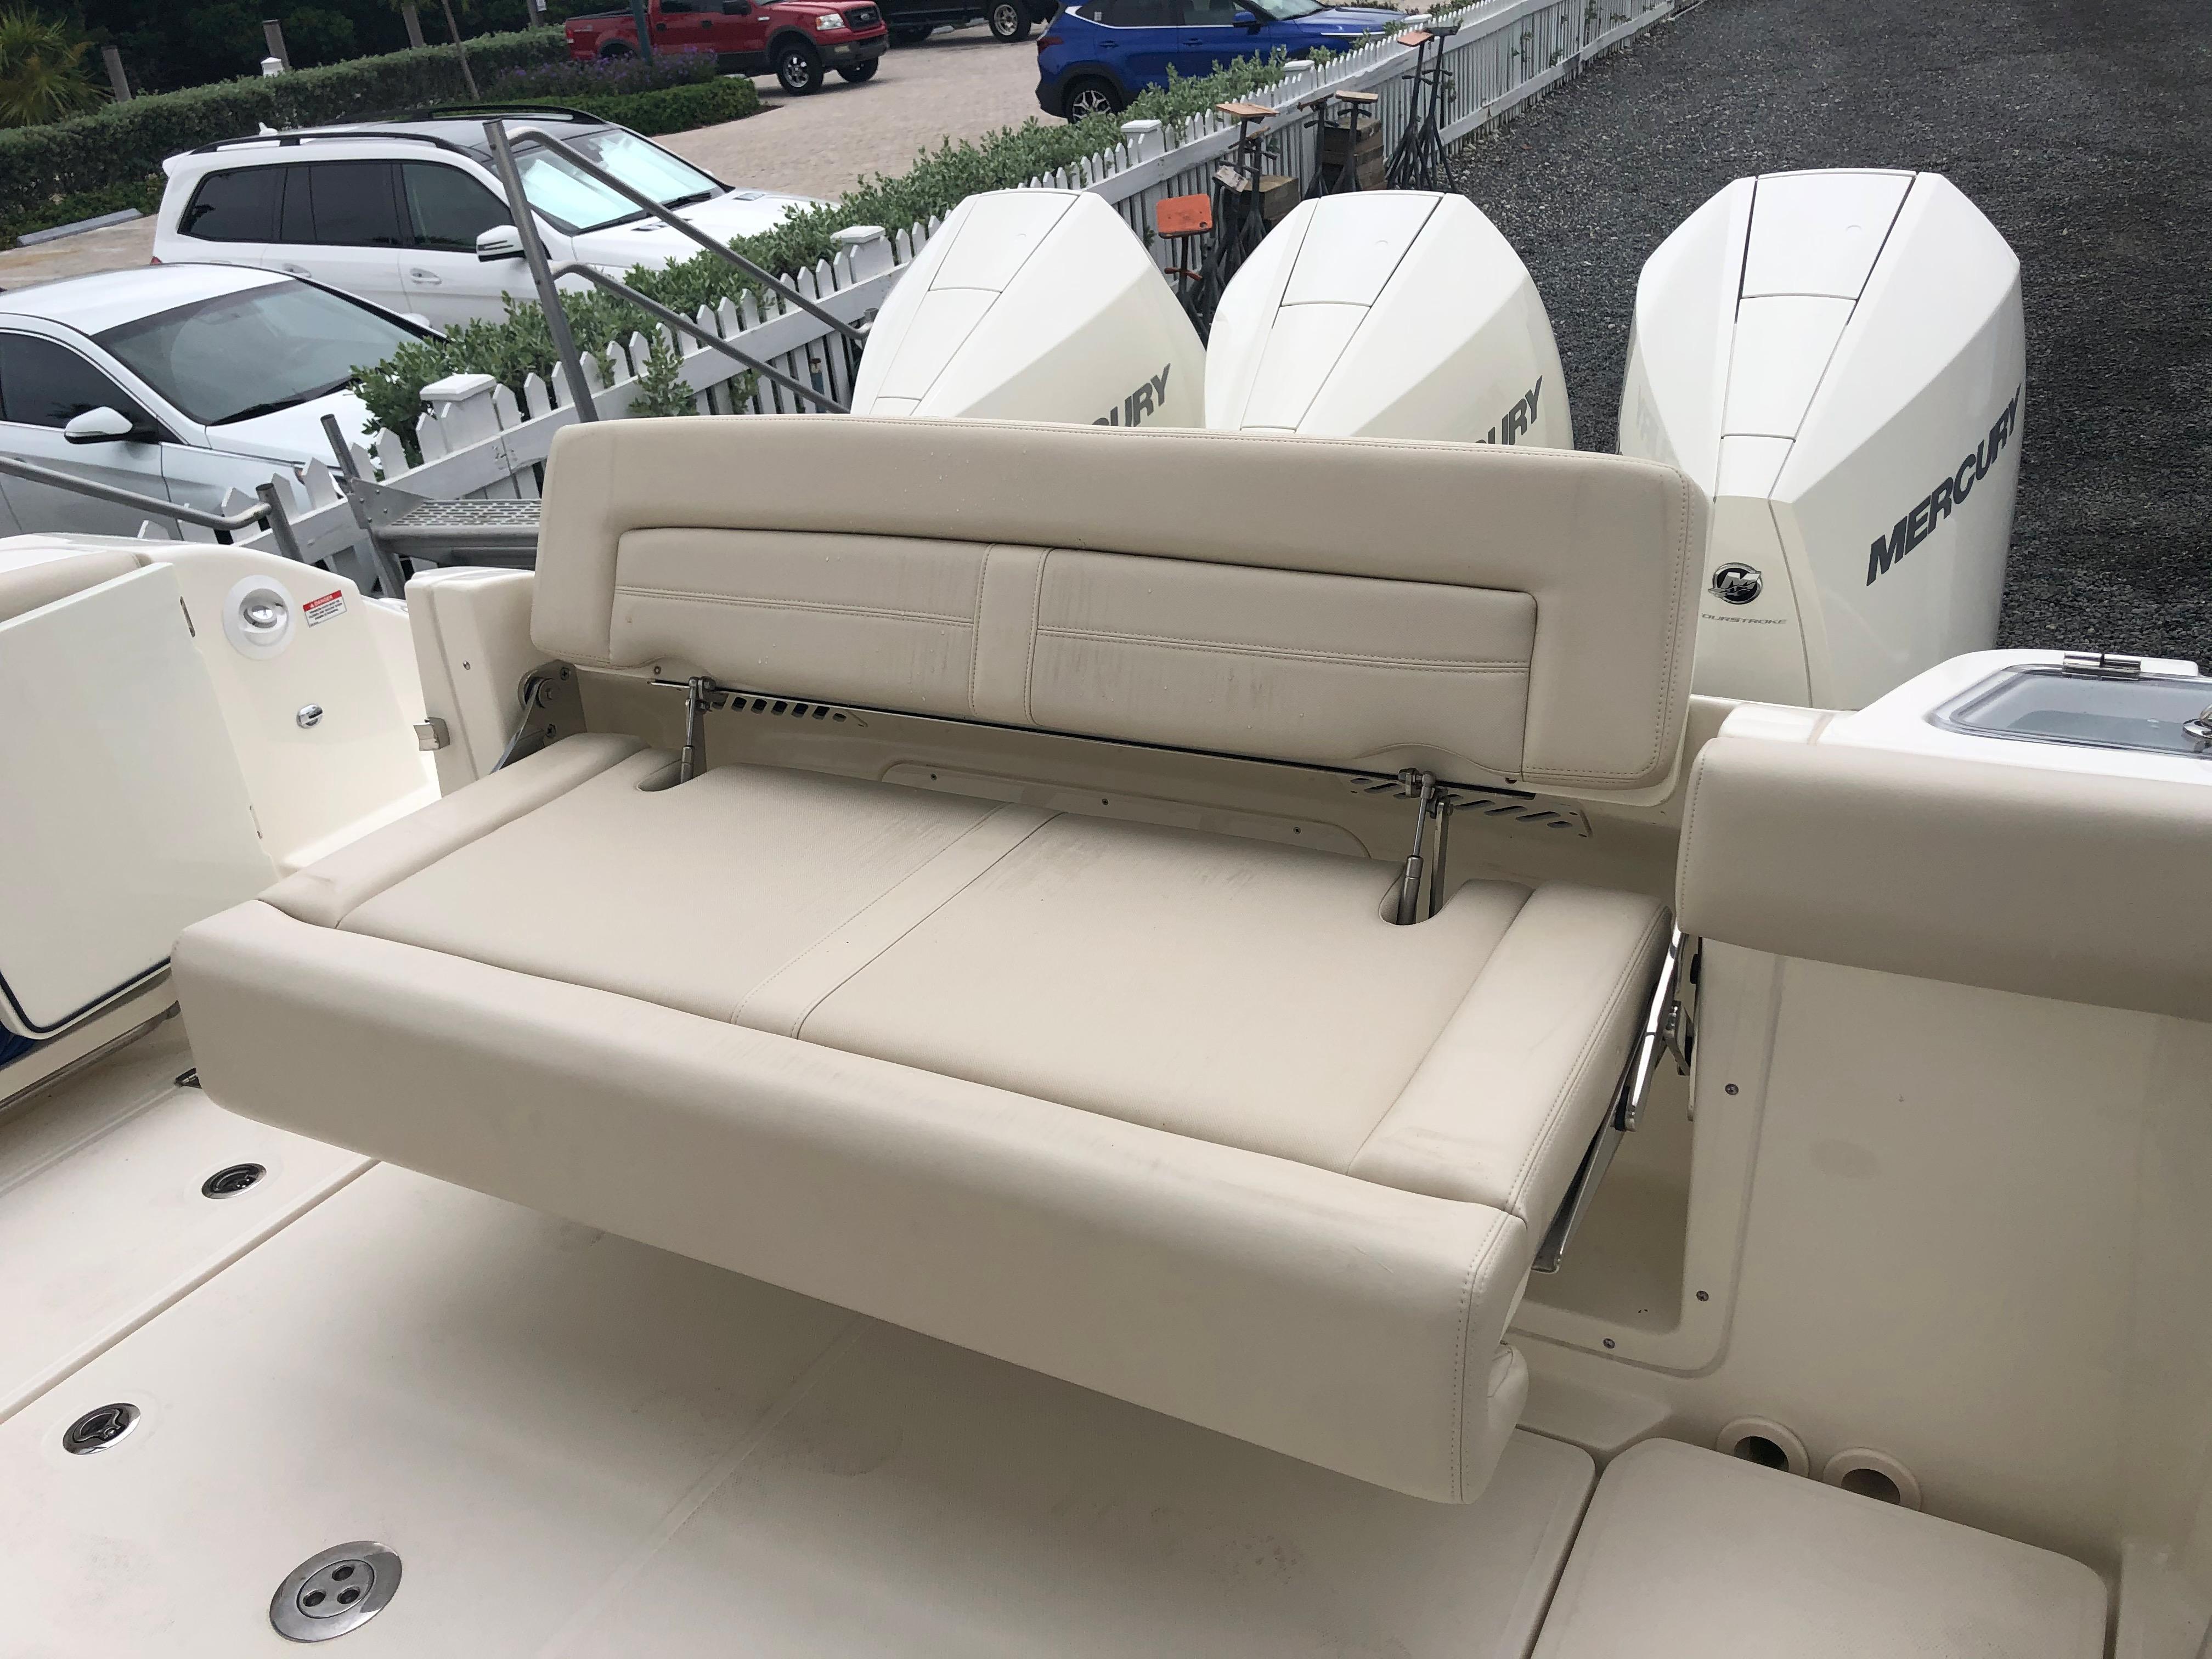 Foldout Stern Bench Seat